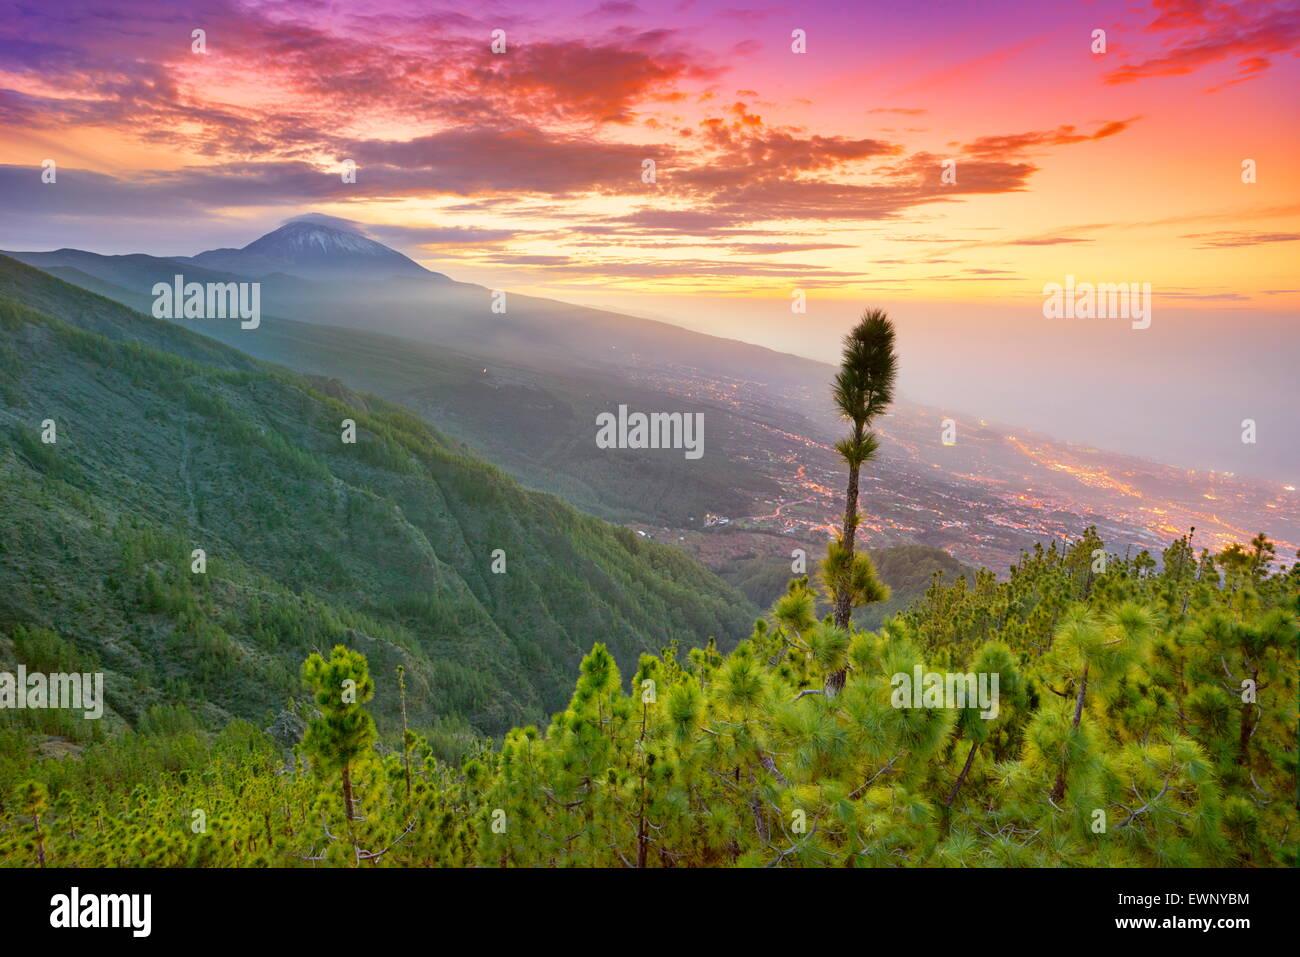 Paysage de l'île de Tenerife Teide - l'heure du coucher de soleil, îles Canaries, Espagne Photo Stock